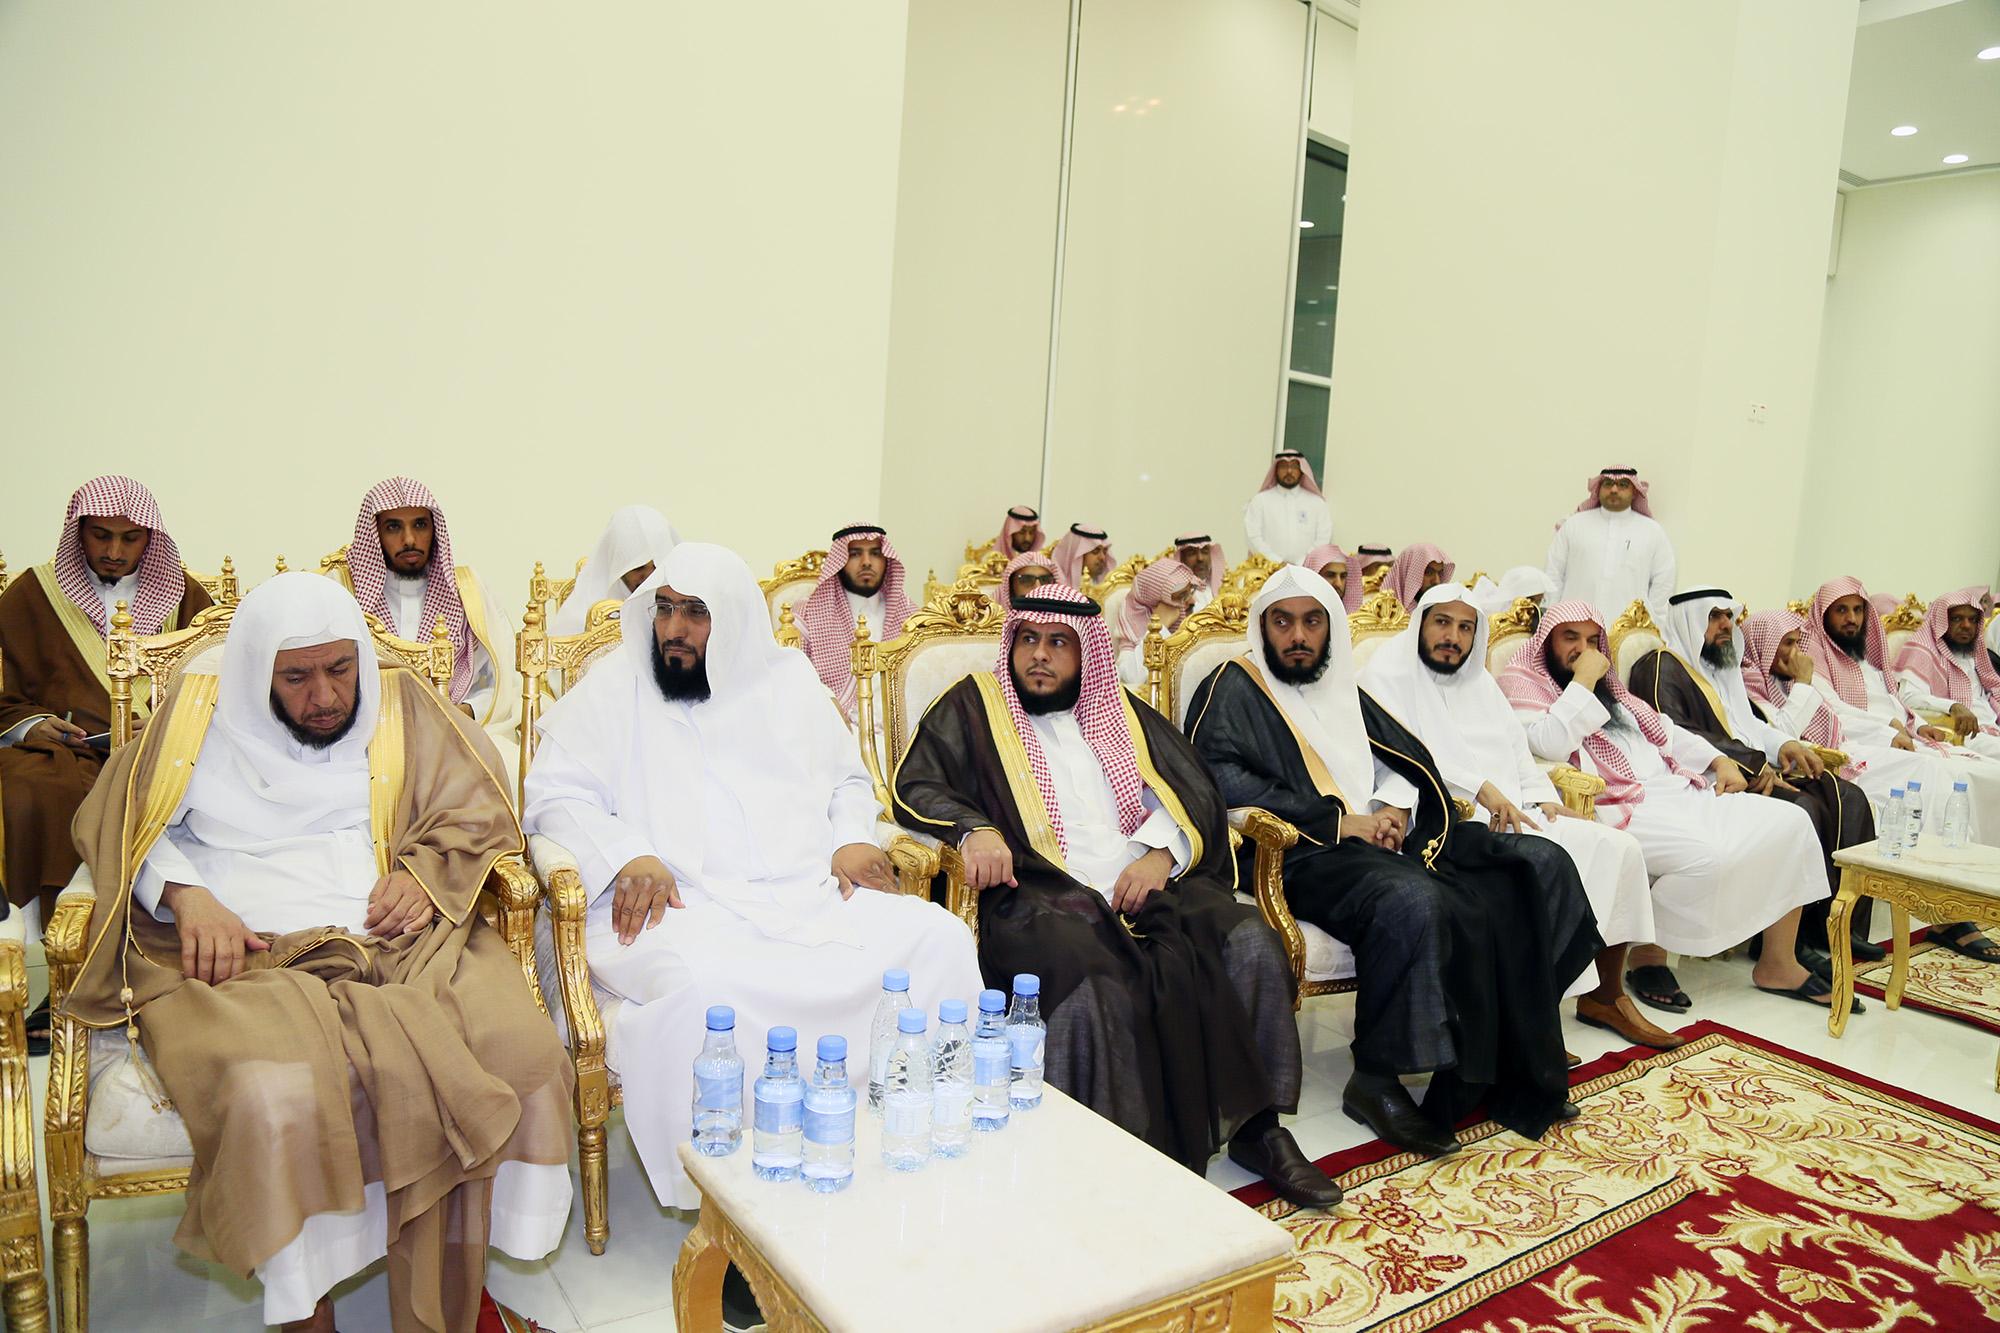 صور لقاء وزير الشؤون الإسلامية بالدعاة 5